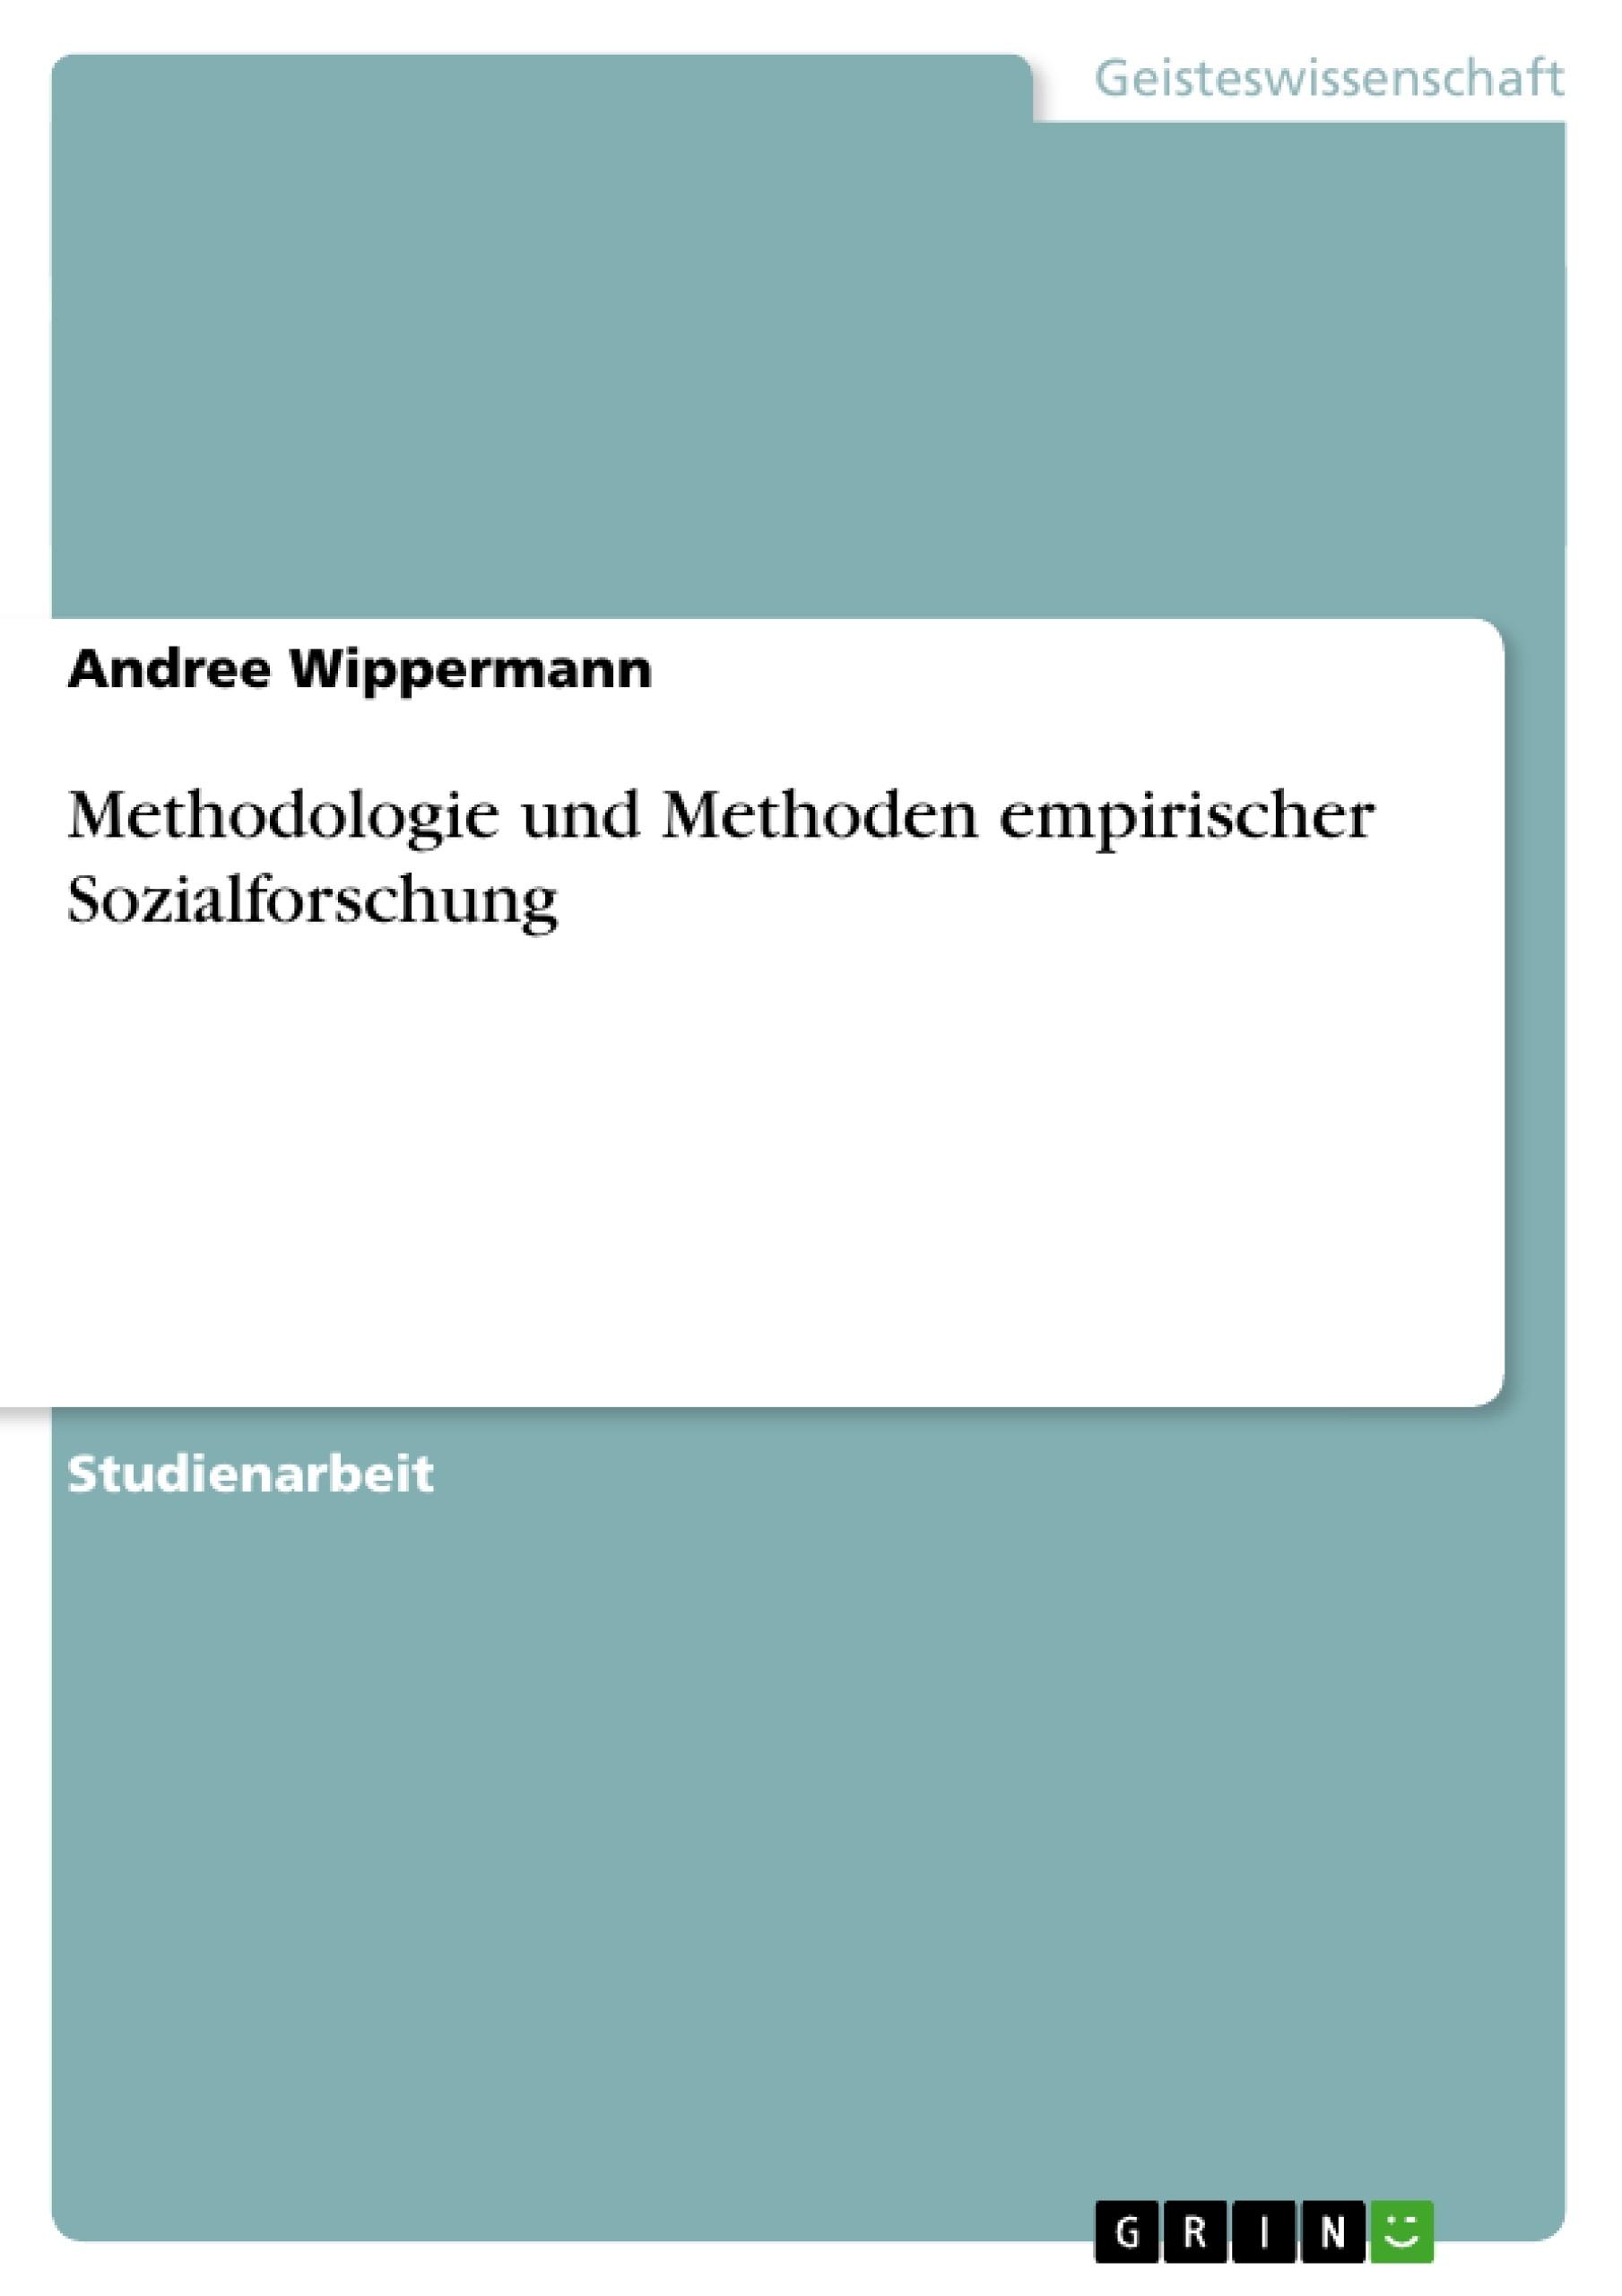 Titel: Methodologie und Methoden empirischer Sozialforschung